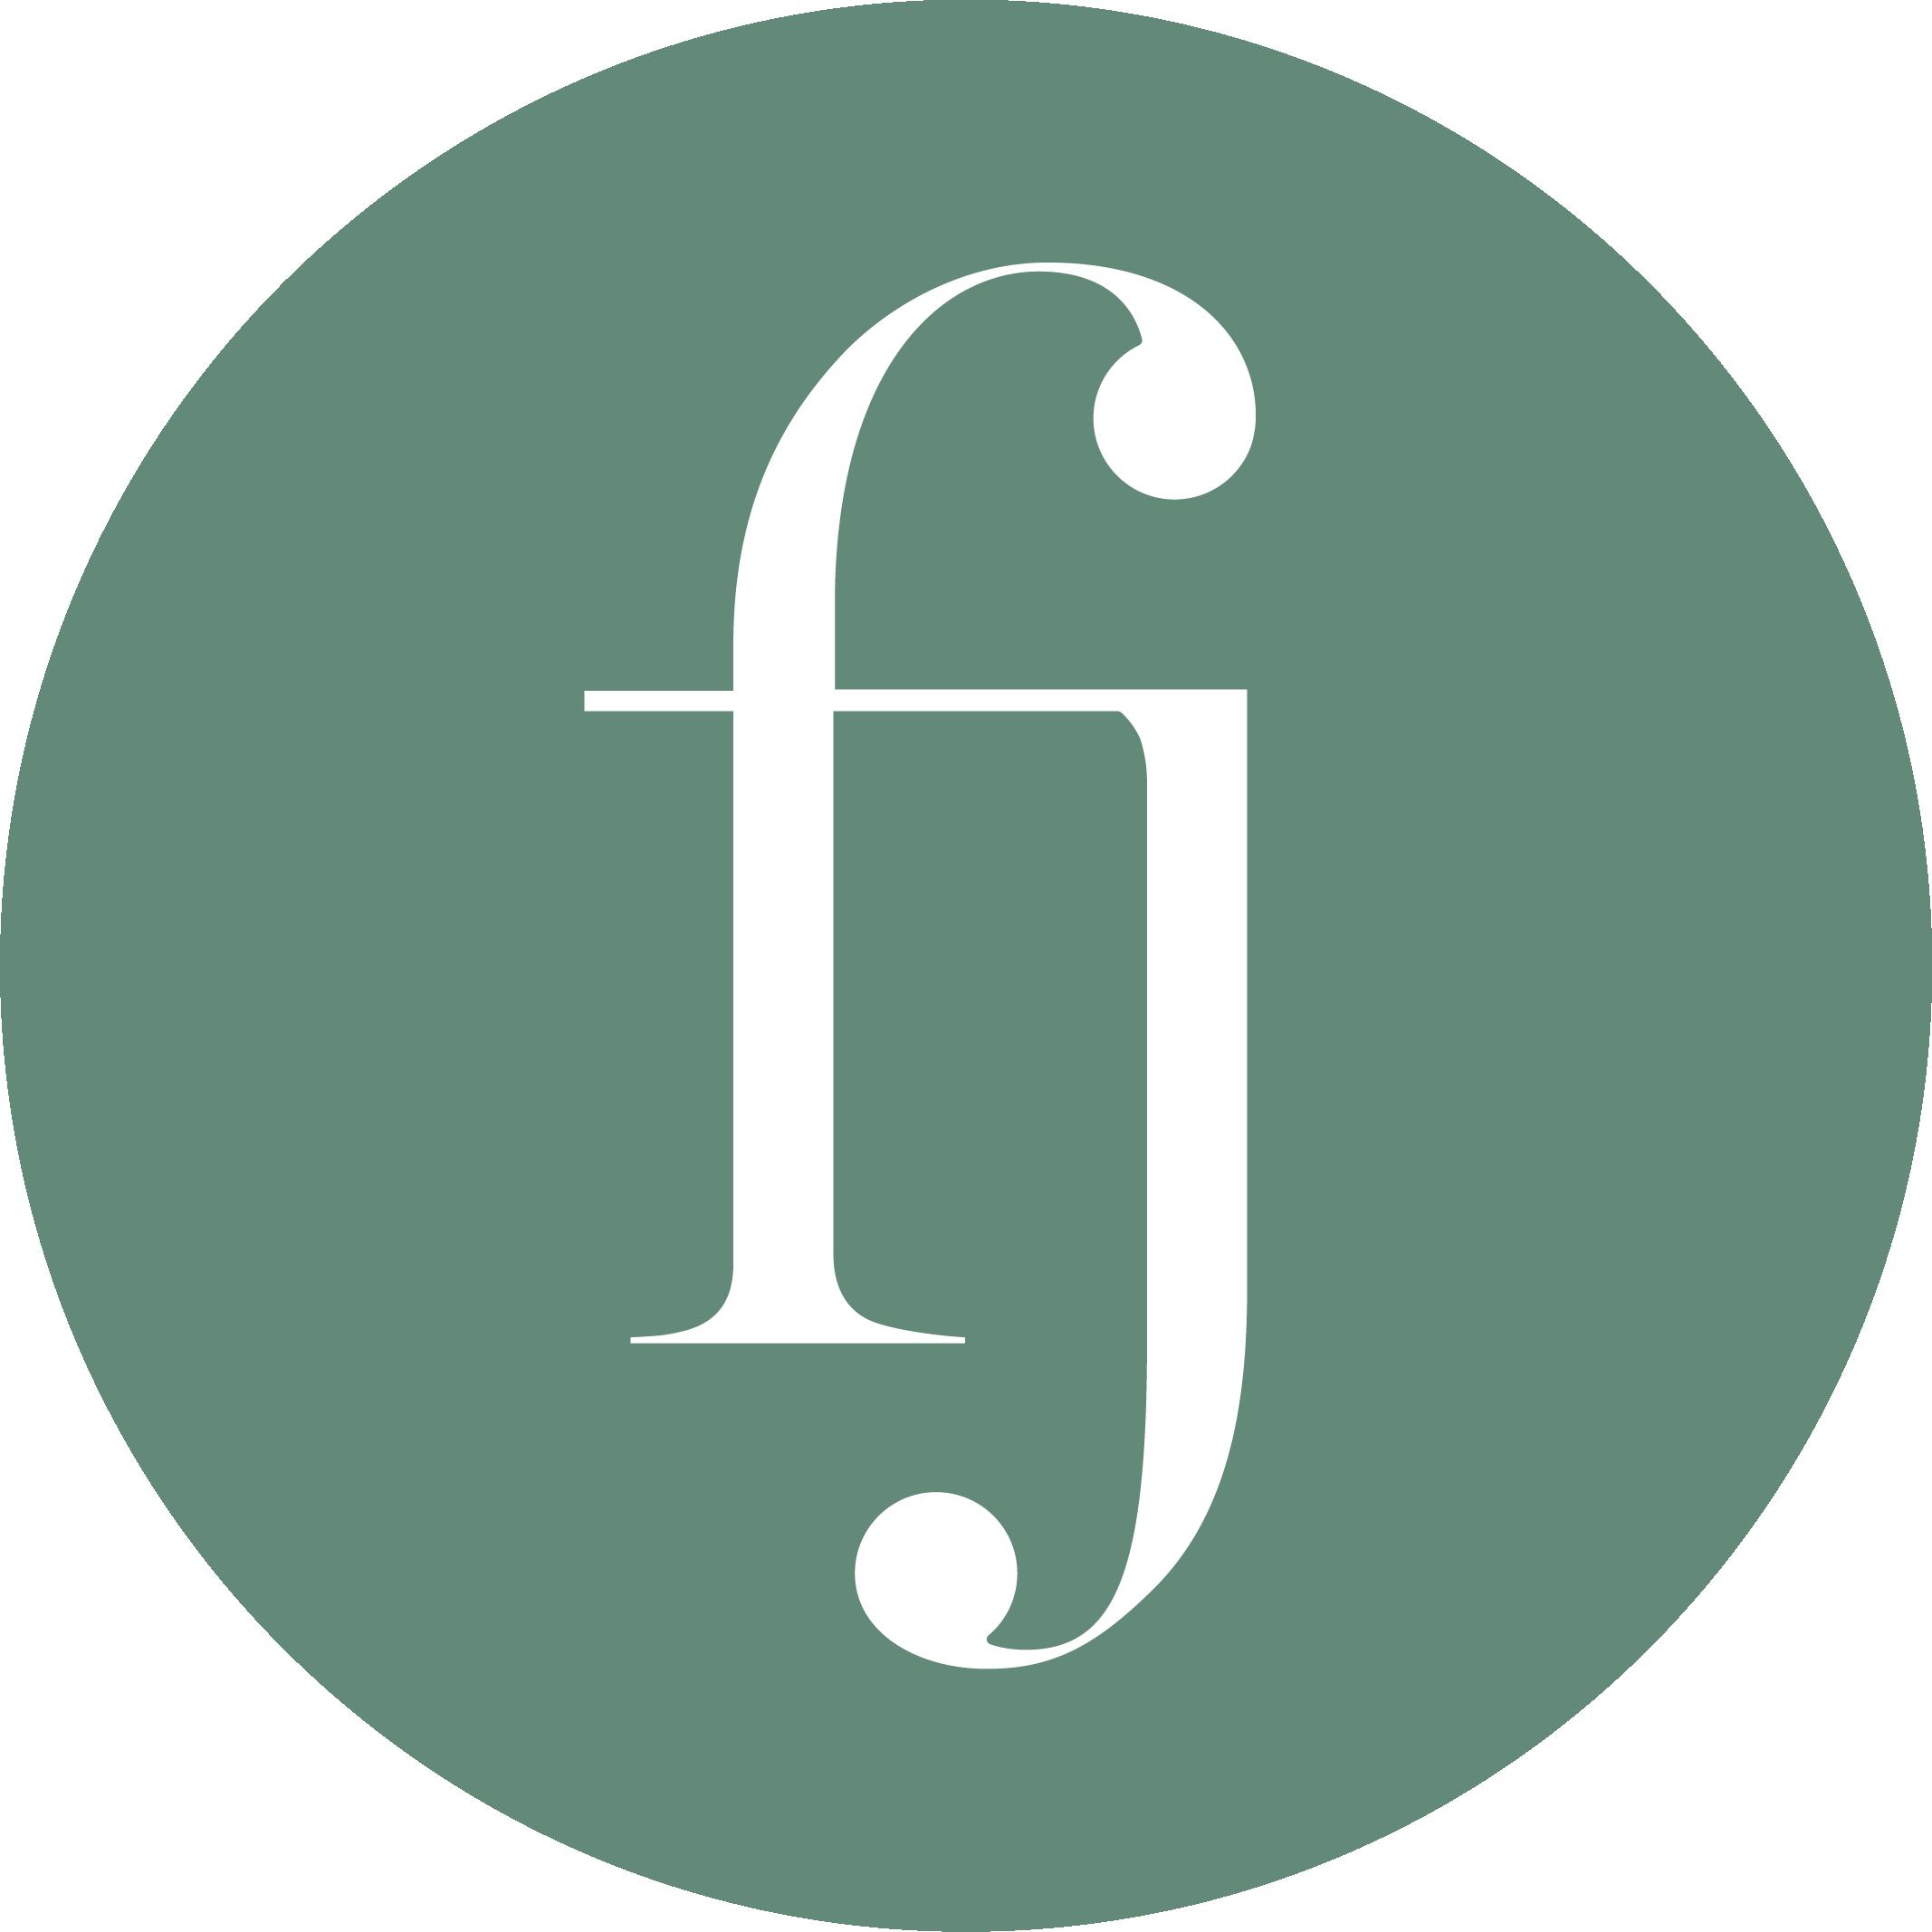 Klinikk_Fjeld_Favicon